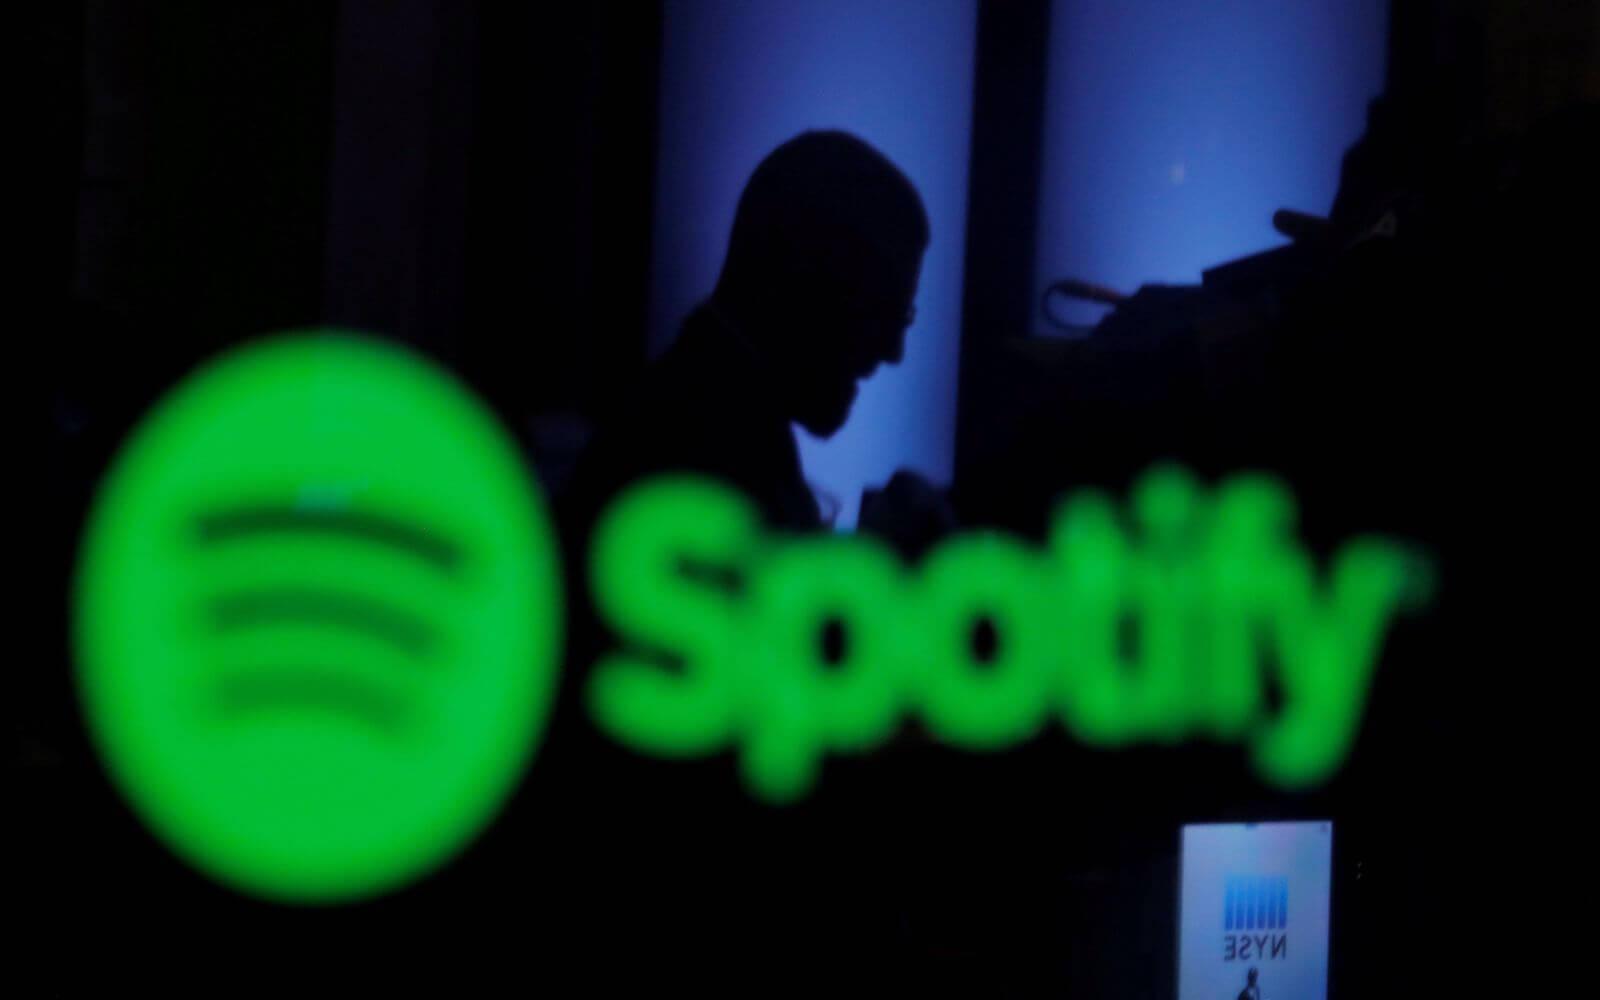 Spotify будет следить за пользователями семейной подписки и блокировать тех, кто не живут вместе